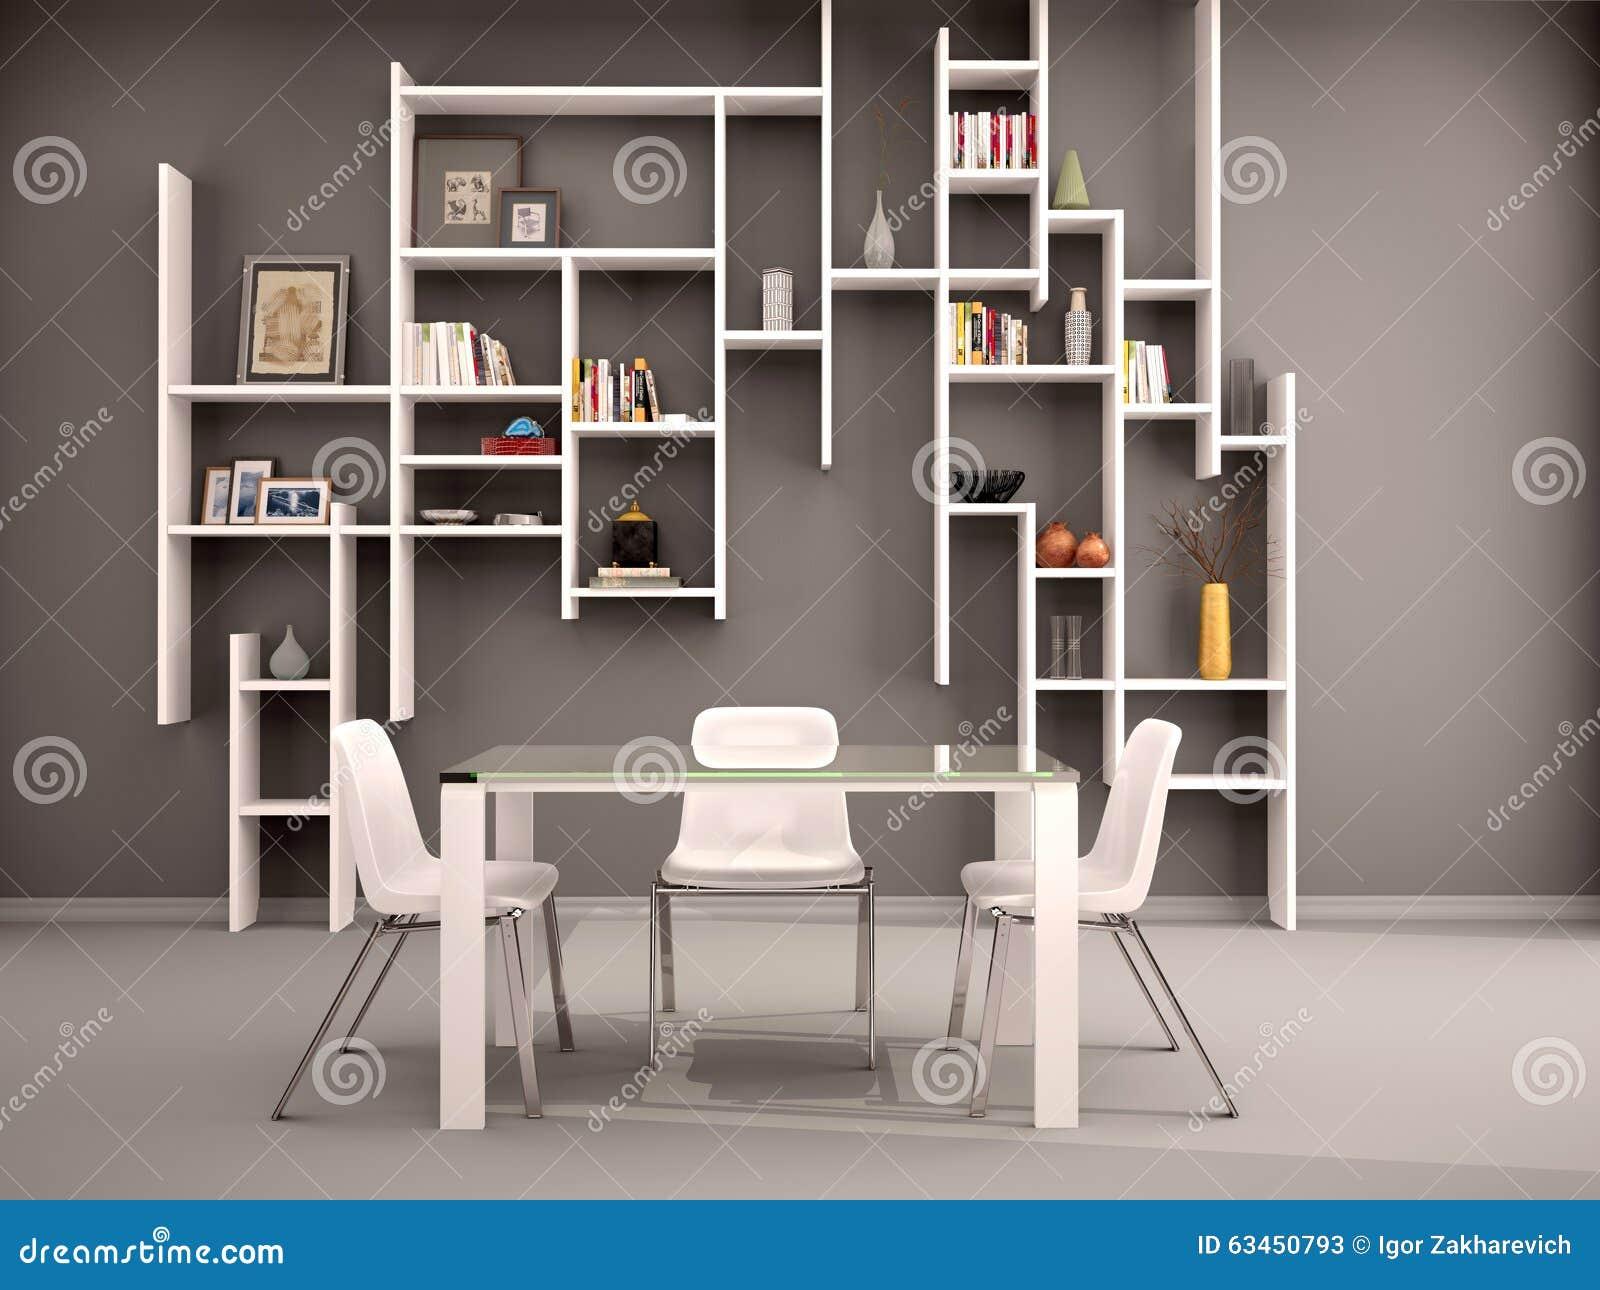 Illustratie van donkere die ruimte met witte planken wordt gevuld